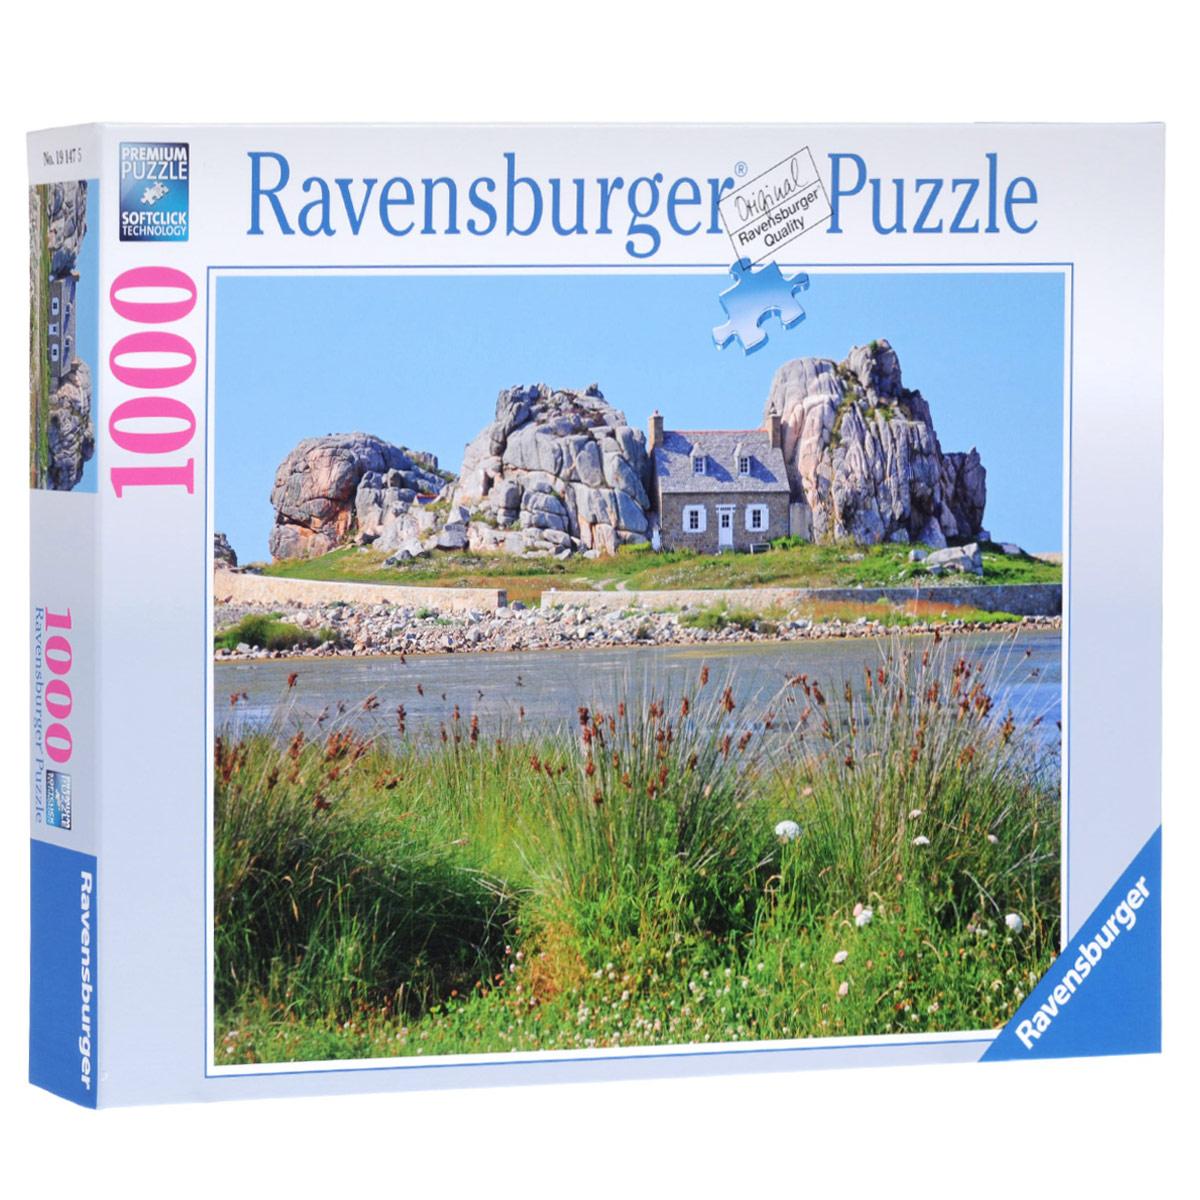 Ravensburger Дом в Британии. Пазл, 1000 элементов недорого